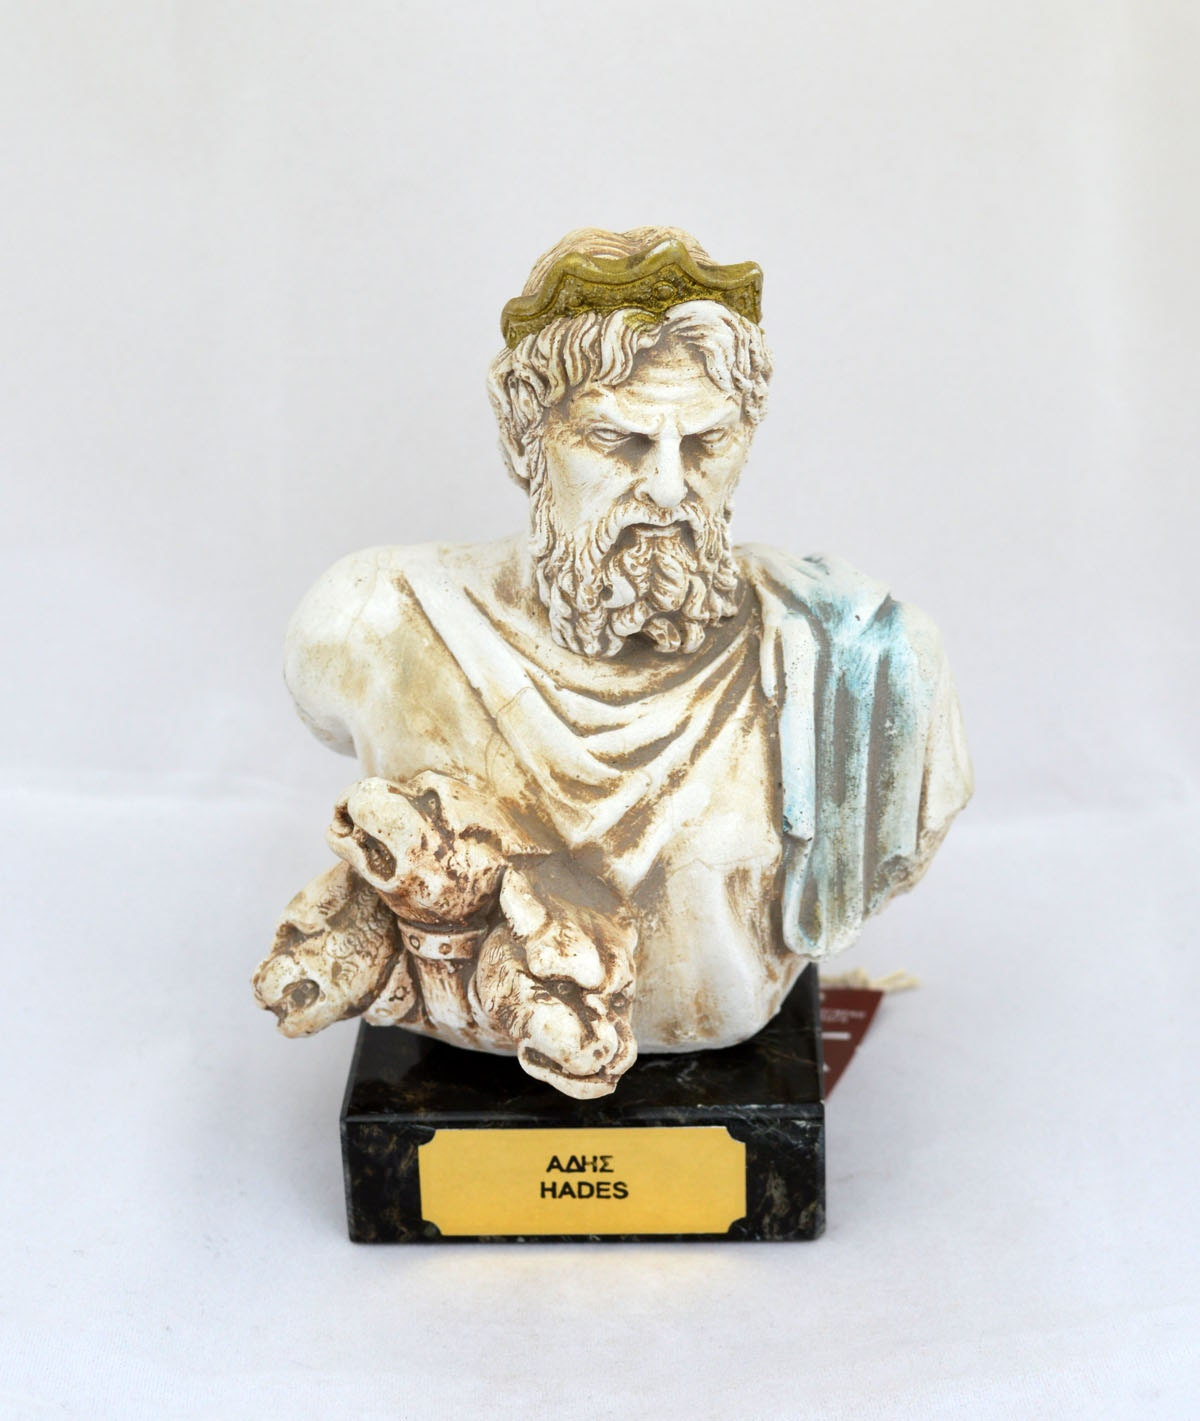 Hades oude Griekse God koning van de onderwereld sculptuur